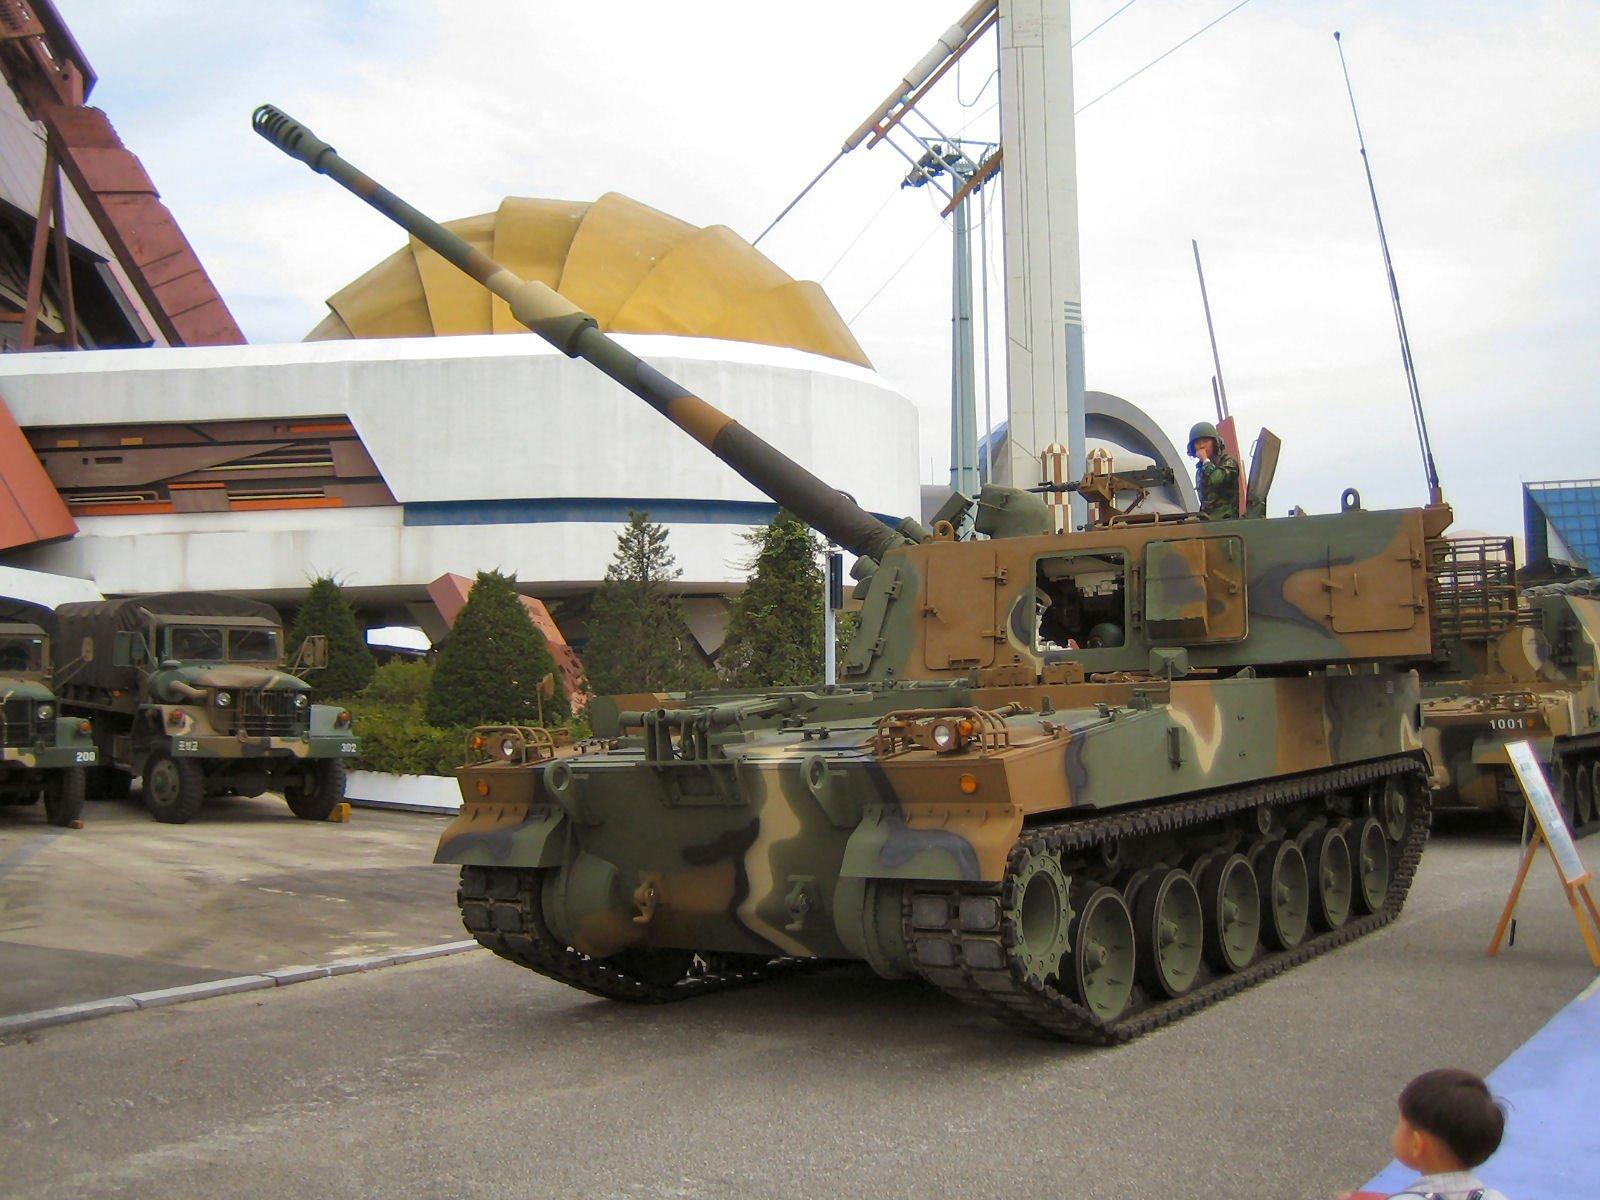 systèmes d'artilleries autotractés et autopropulsés - Page 2 K9_thu10